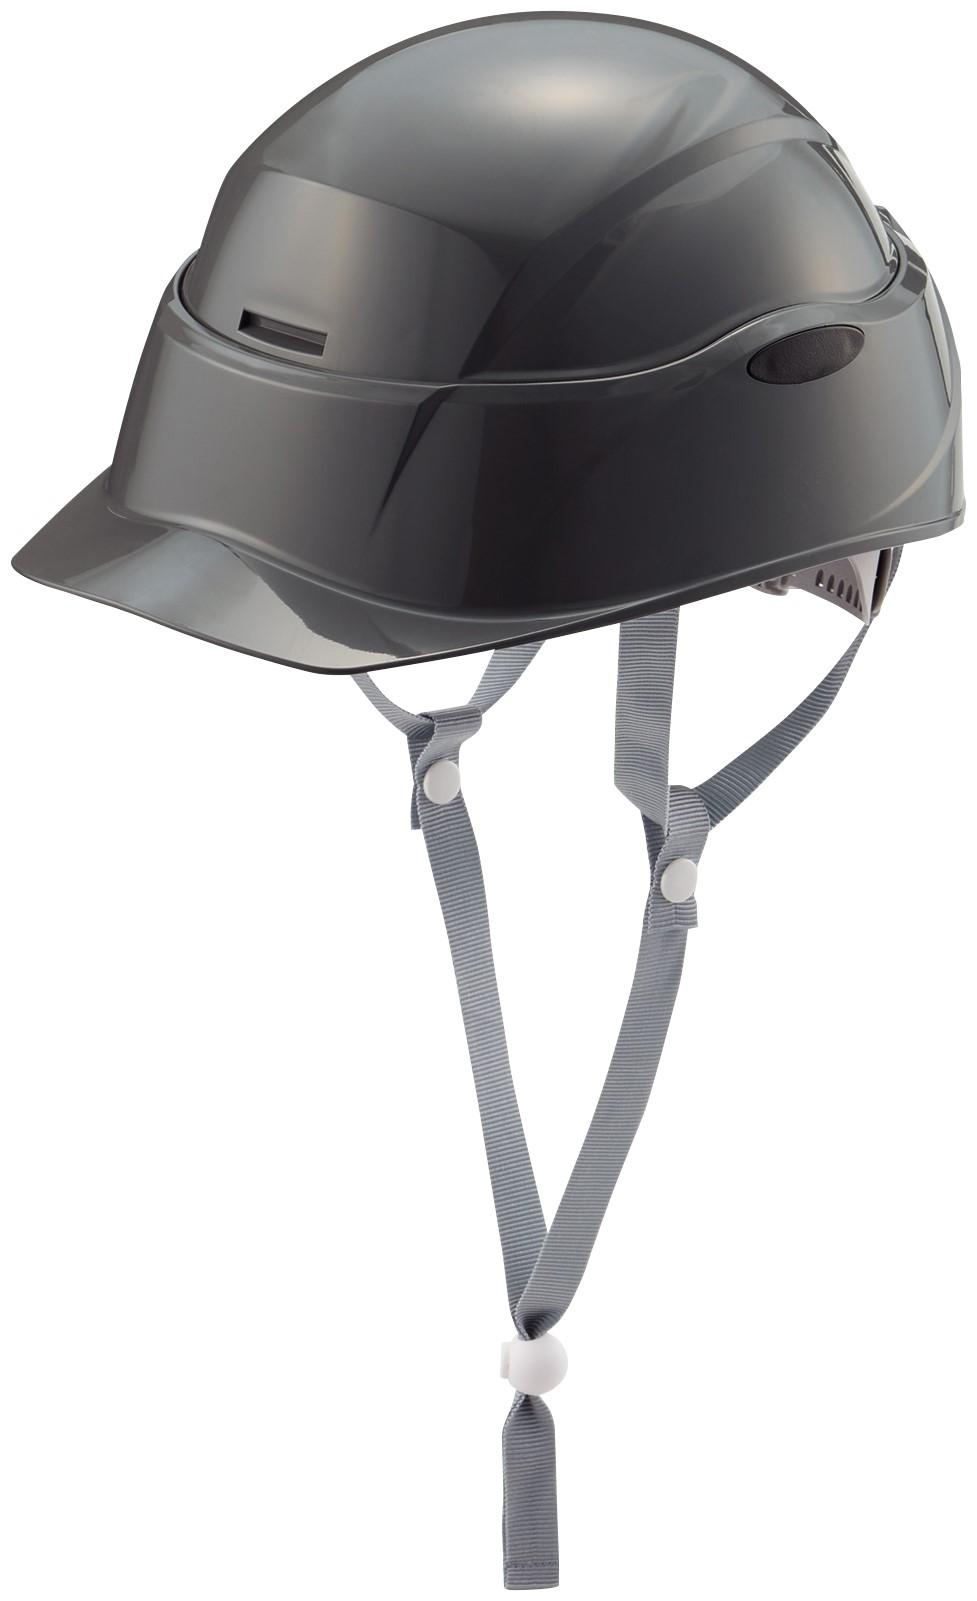 PARTS-FIT オフィス防災用ヘルメット<Crubo> 3個入 ダークグレー